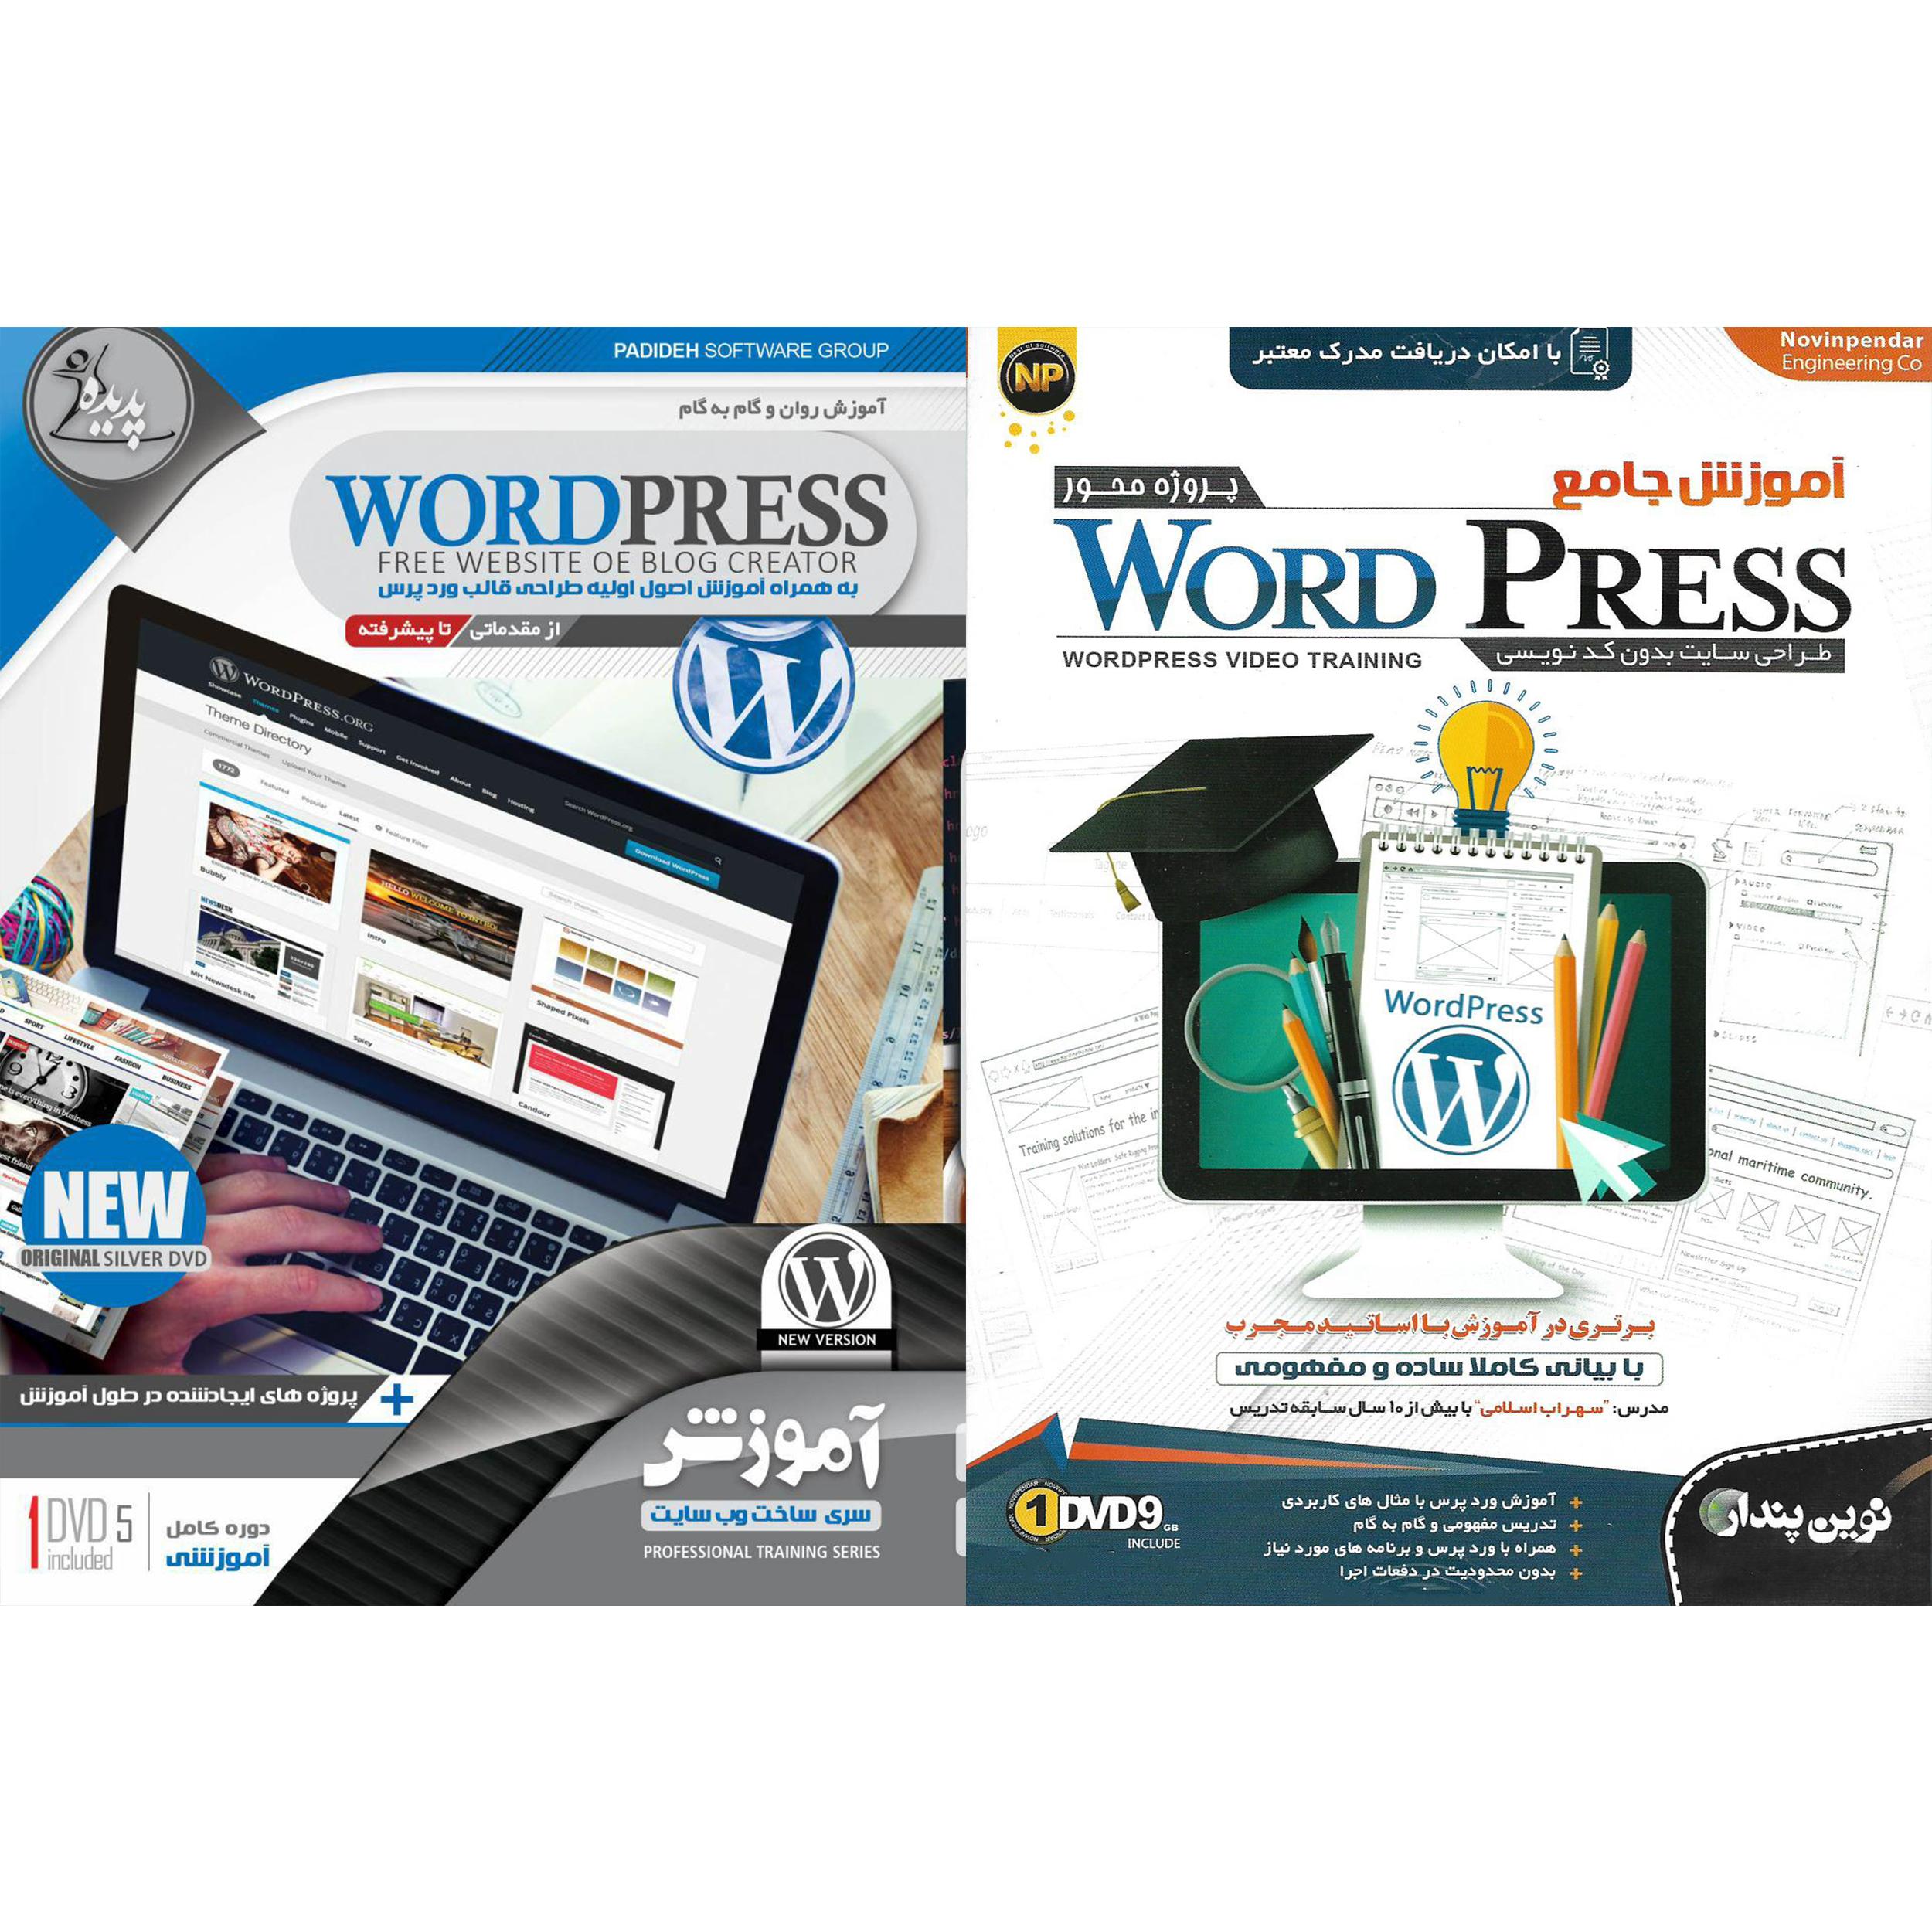 نرم افزار آموزش WORD PRESS نشر نوین پندار به همراه نرم افزار آموزش WORDPRESS نشر پدیده